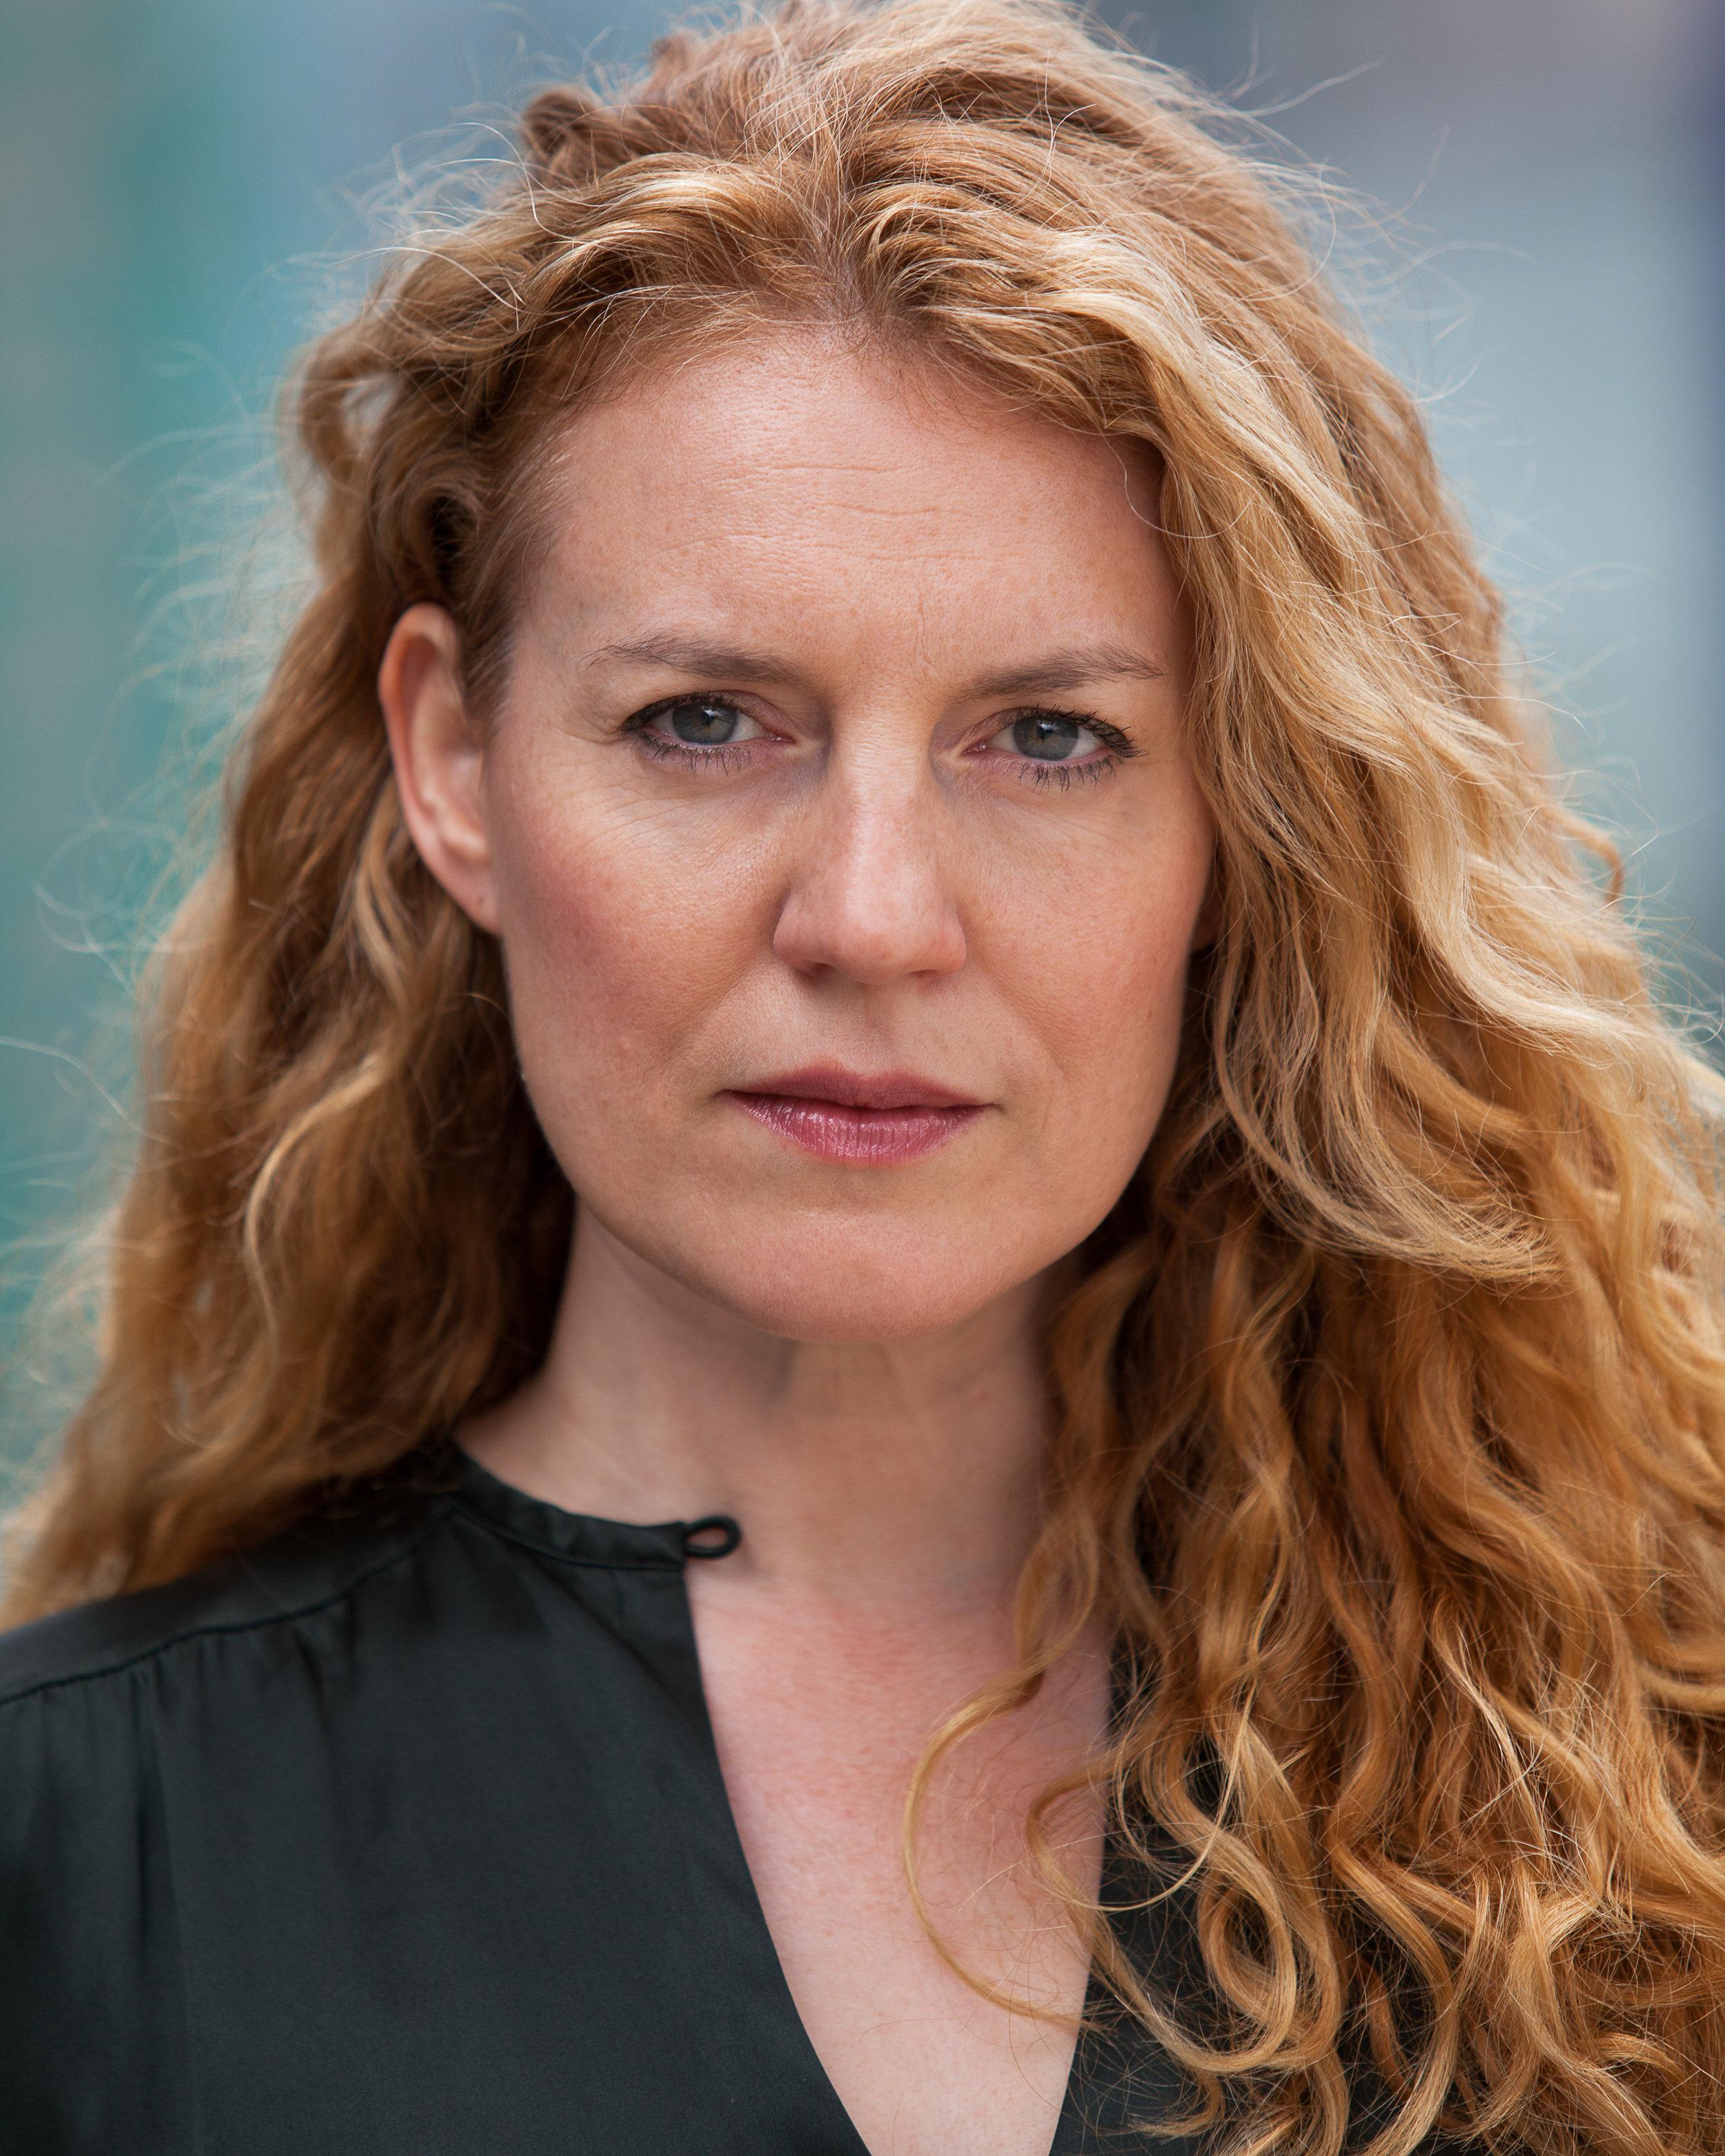 Camilla Simson